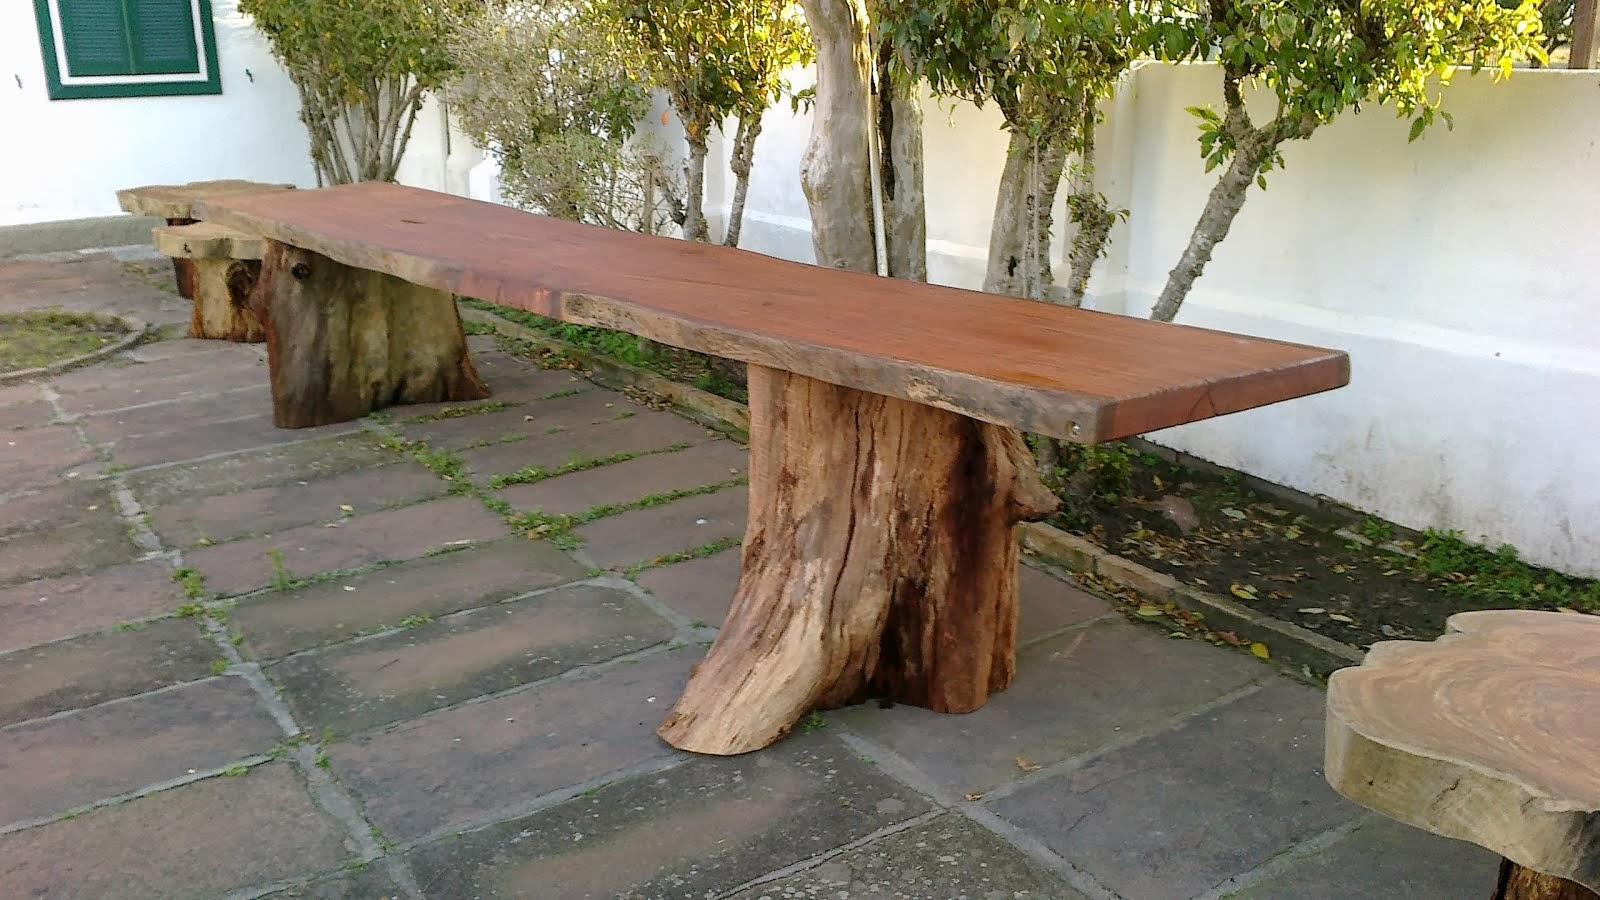 #A29C29 mesa em eucalipto poltronas rústicas poltronas em eucalipto capelas  1600x900 px como fazer banco de madeira eucalipto @ bernauer.info Móveis Antigos Novos E Usados Online